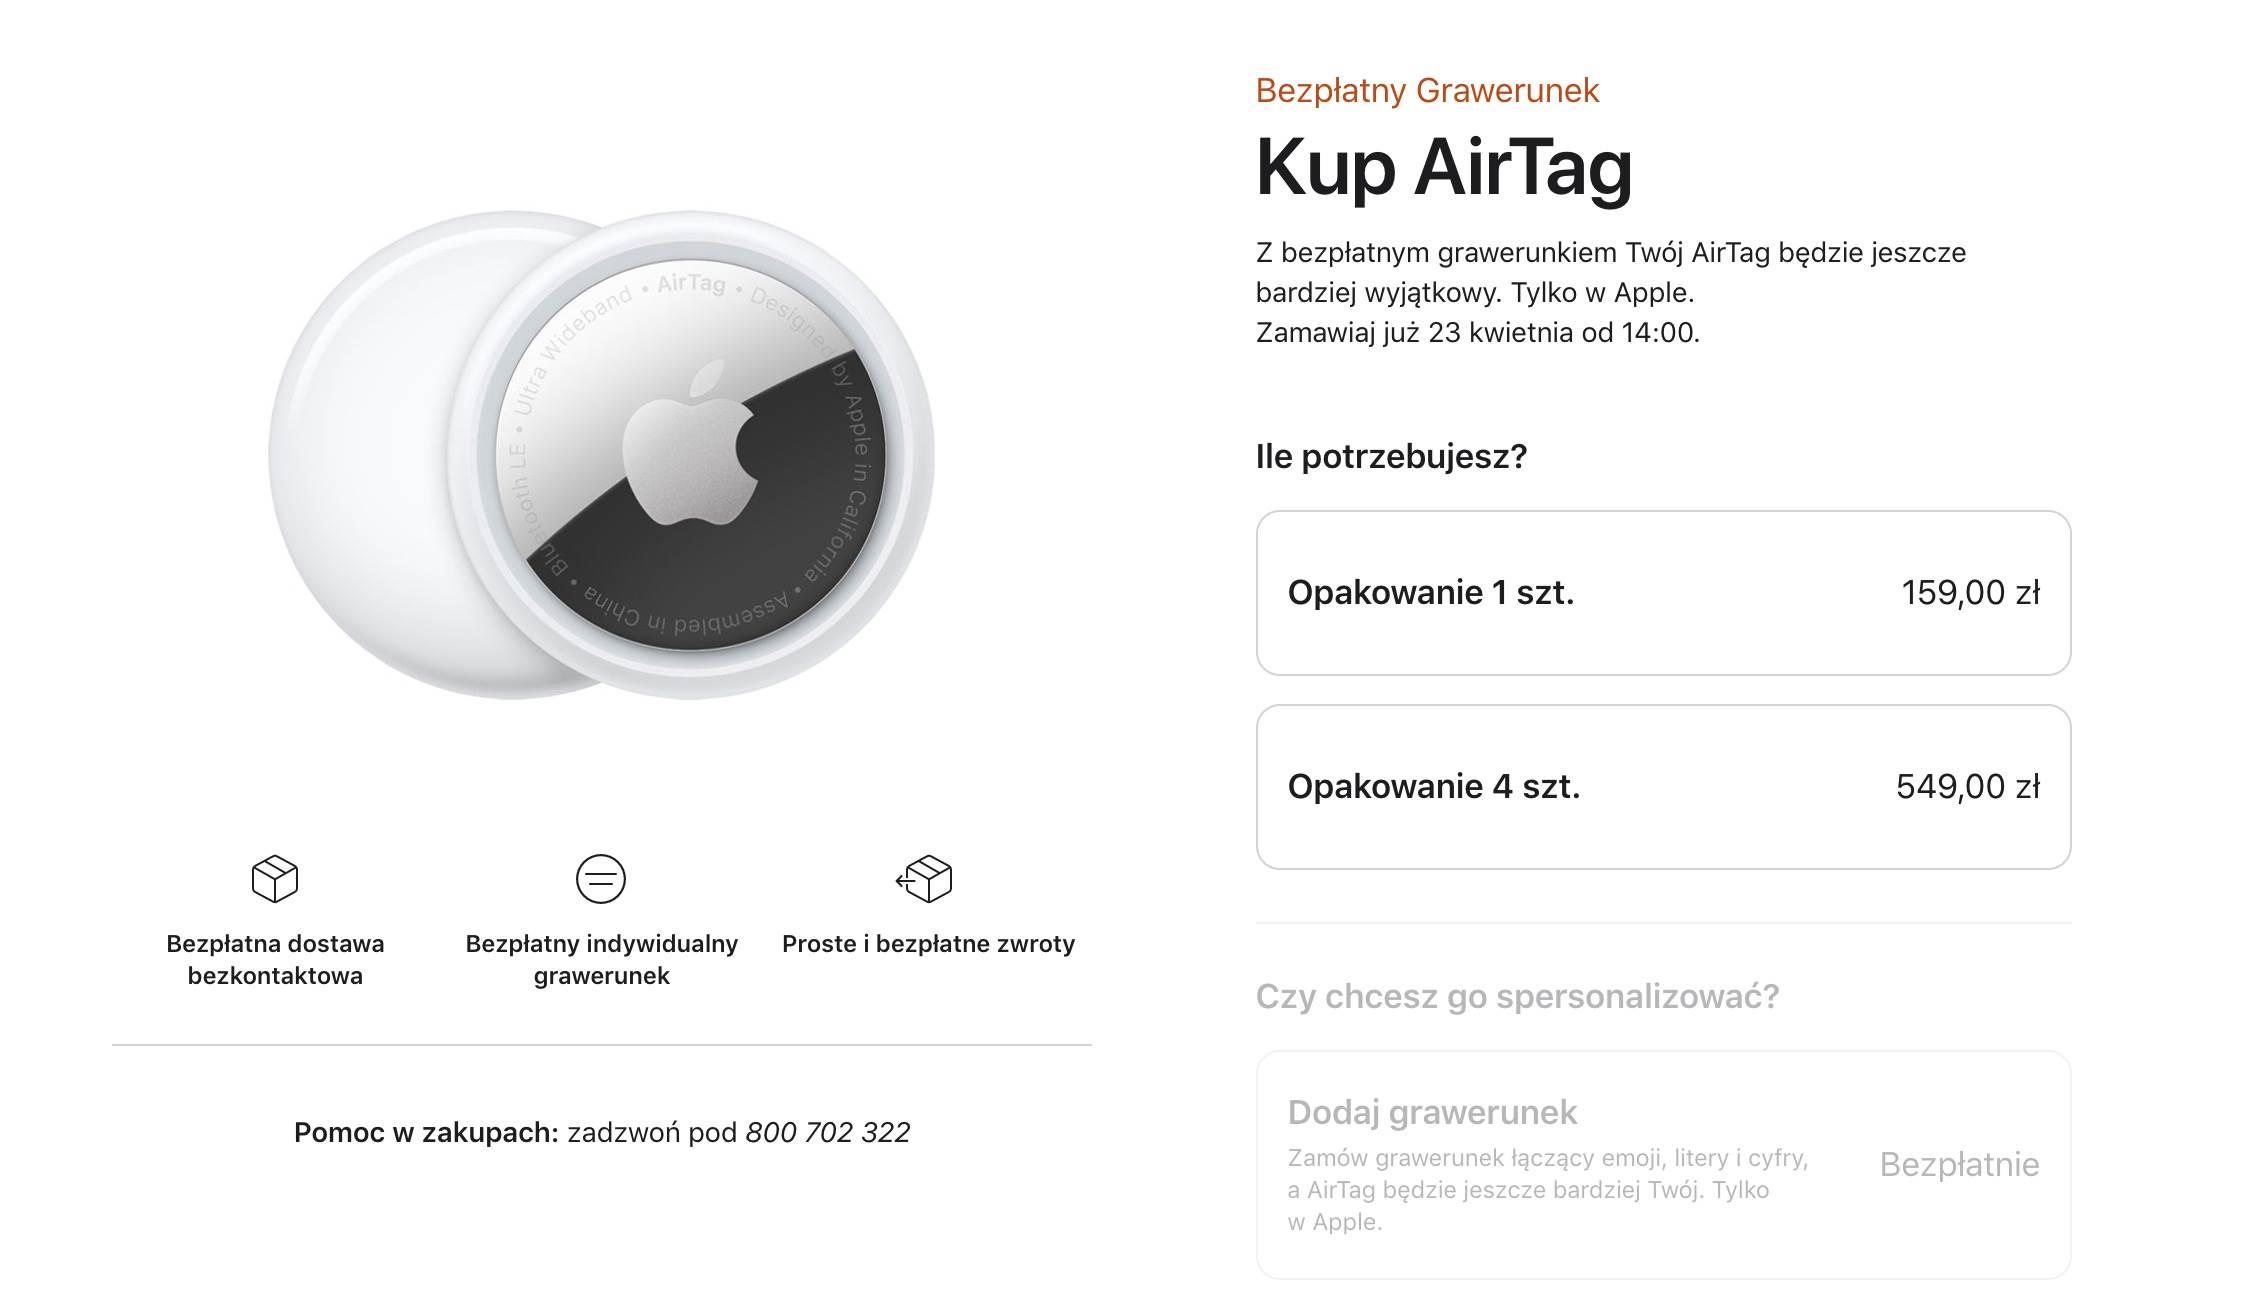 Polskie ceny AirTag polecane, ciekawostki polska cena AirTag, lokalizator Apple, koszt, ile kosztuje AirTag, cena, Apple AirTag, AirTag w polsce, AirTag  Po polskich cenach iMac 2021 przyszedł czas, aby przyjrzeć się polskim cenom lokalizatora AirTag o którym pisaliśmy w tym miejscu. AirTag 3